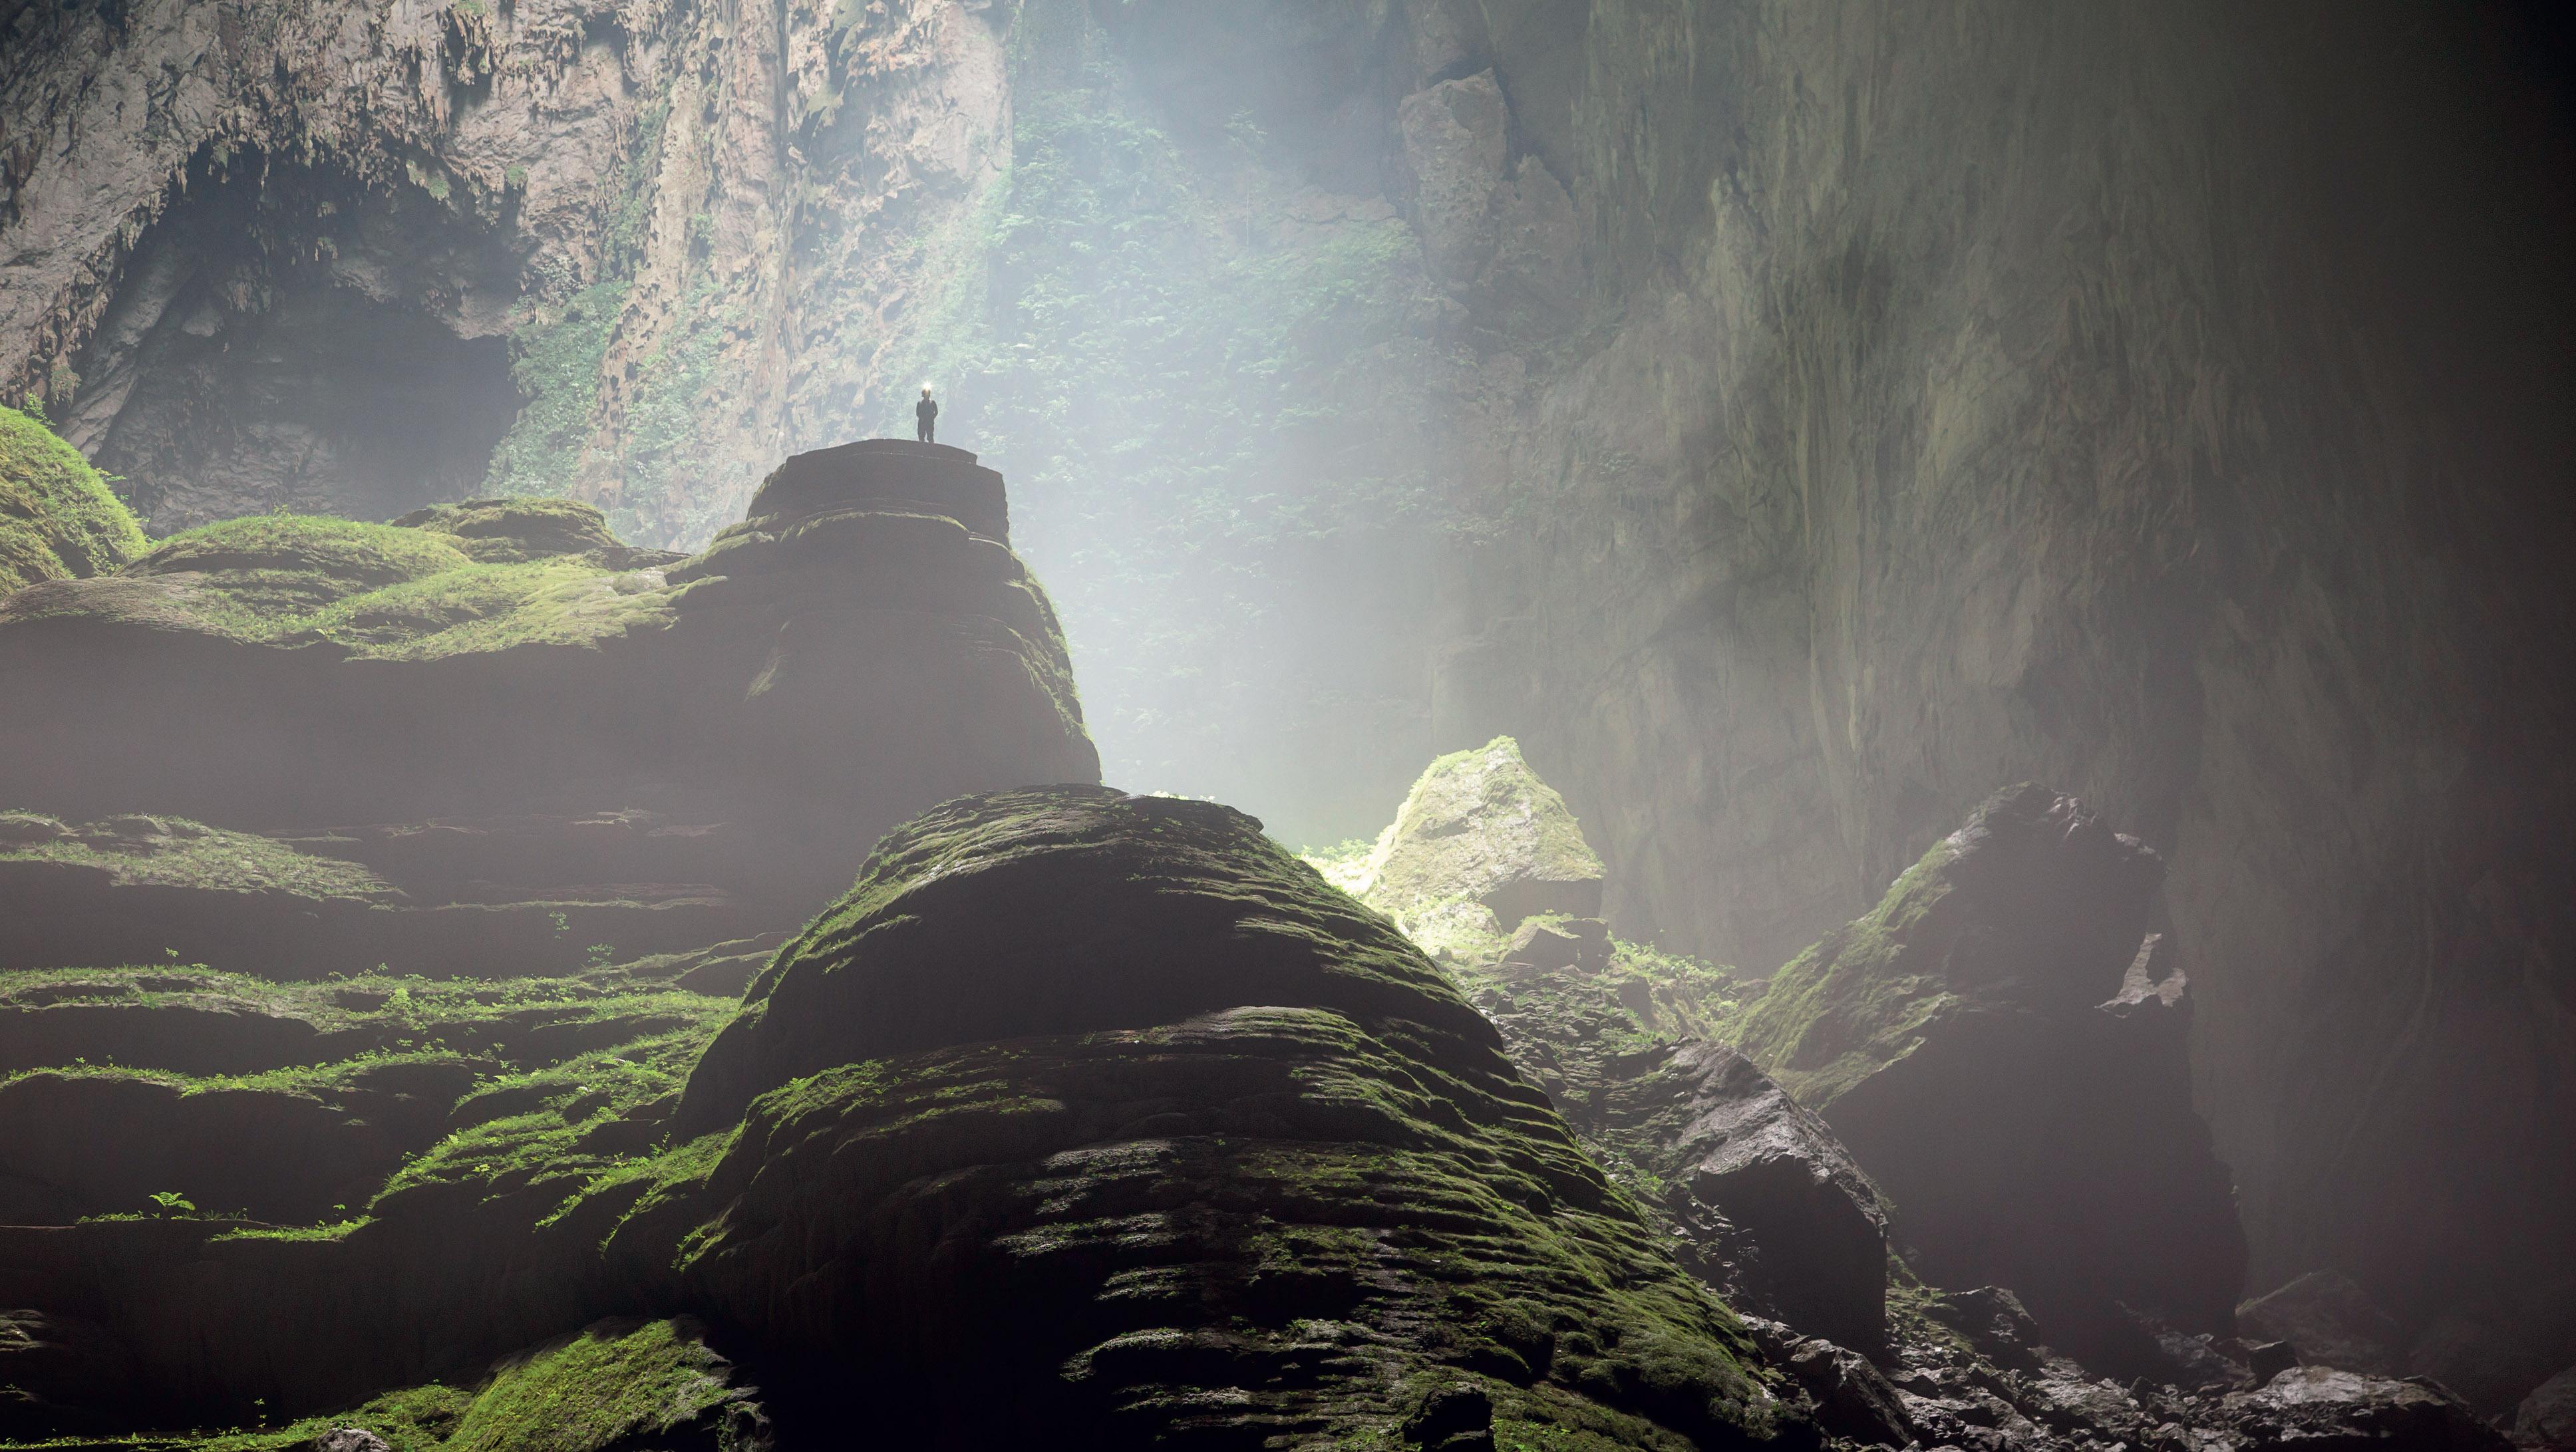 20150519 phai chuan bi nhung gi de kham pha hang son doong 3 - Sơn Đoòng - Hang động lớn nhất thế giới ở Việt Nam gặp nguy hiểm bởi dự án cáp treo đưa khách du lịch vào hang